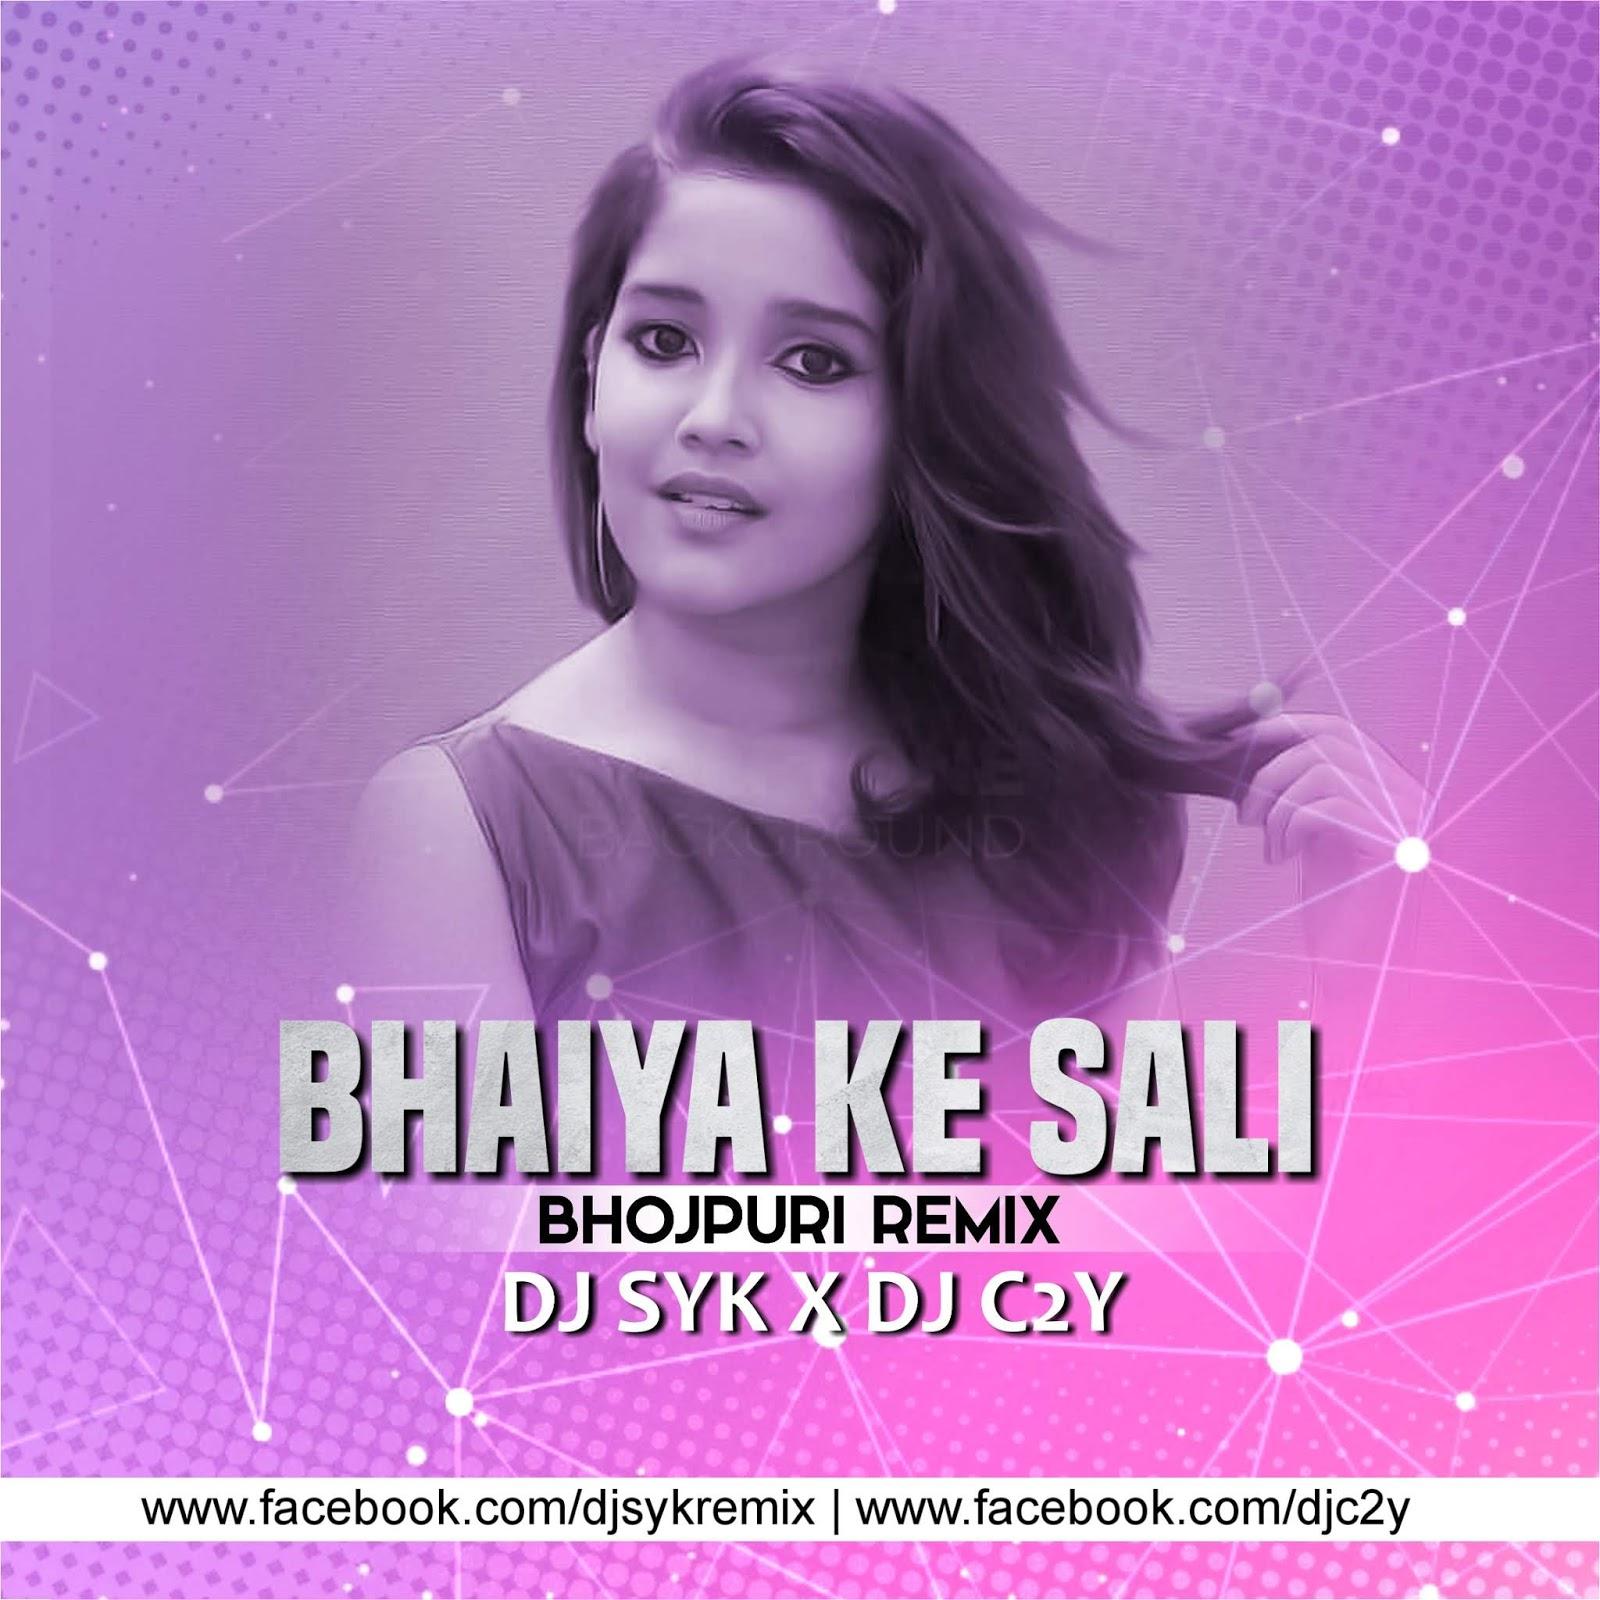 Has Ke Kareja Me Samali - Bhaiya ke Sali 2019 best Remix